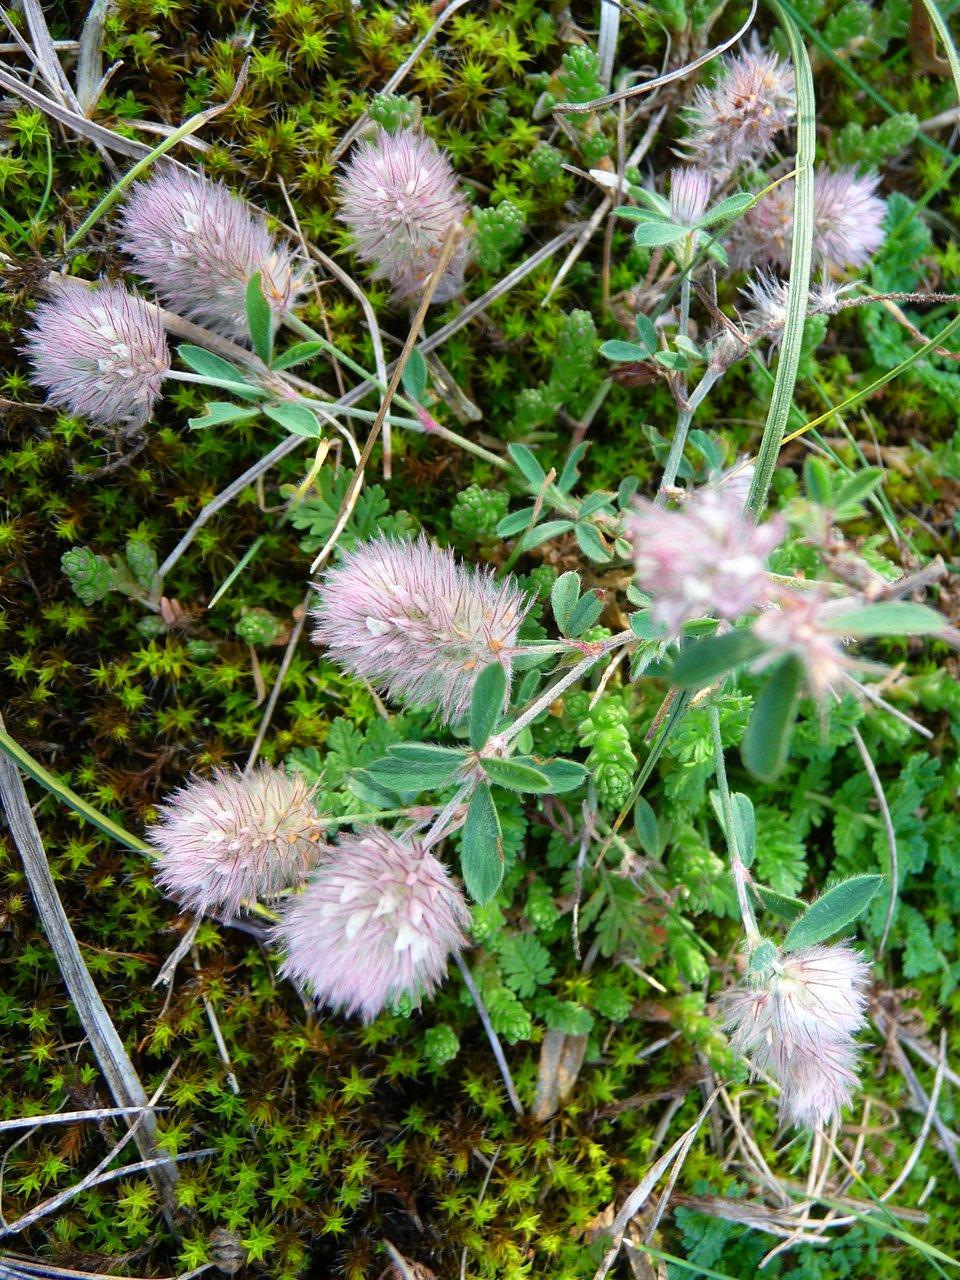 Fotografia przedstawia kwitnącą koniczynę polną, roślinę wieloletnią.